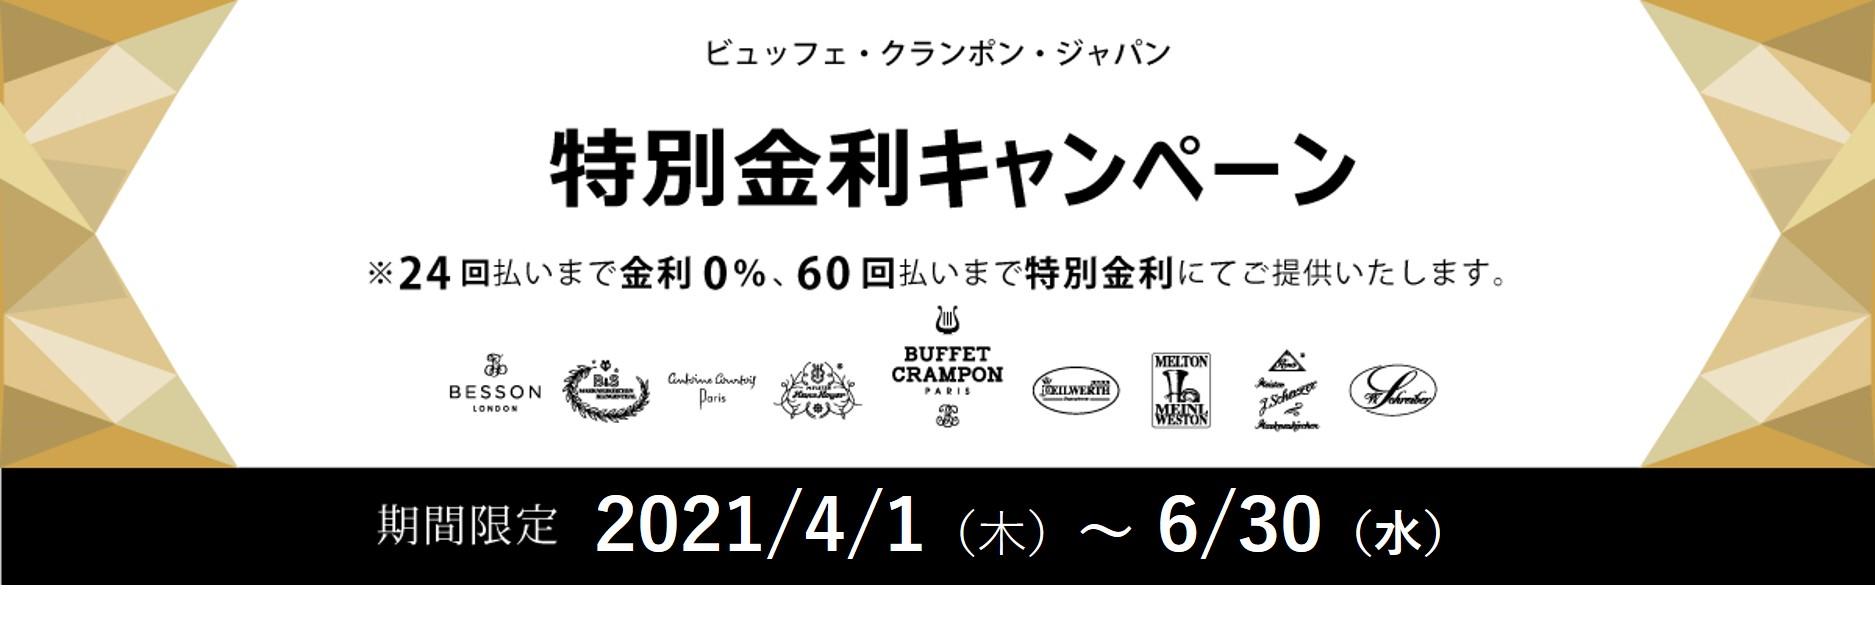 ビュッフェ・クランポン・ジャパン 特別金利キャンペーン